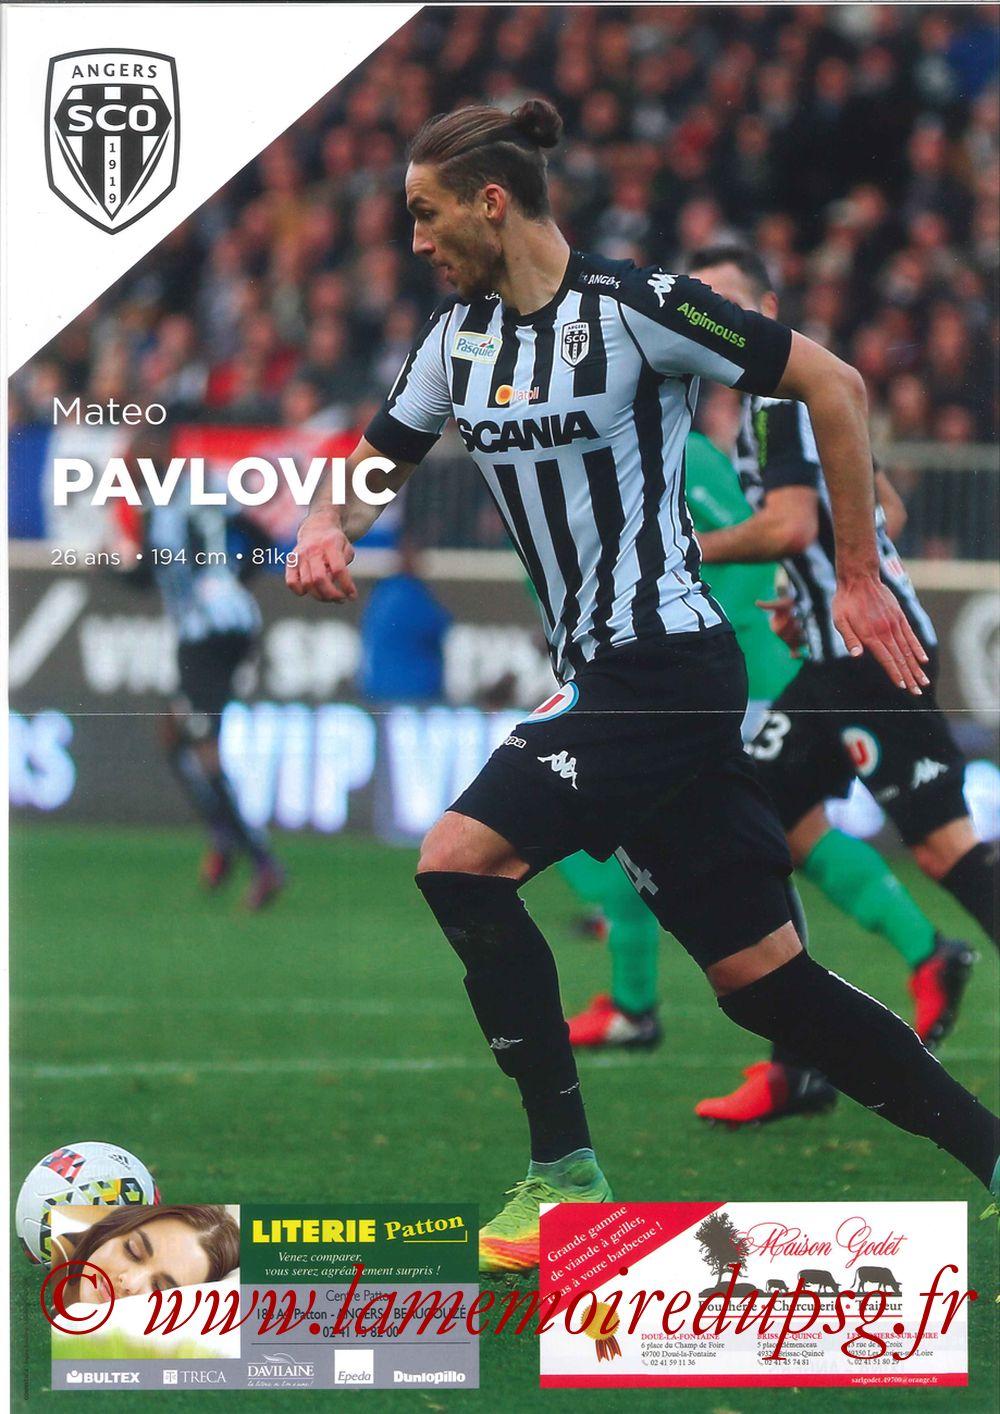 2017-04-14  Angers-PSG (33ème L1, Let's SCO N°17) - Page 2